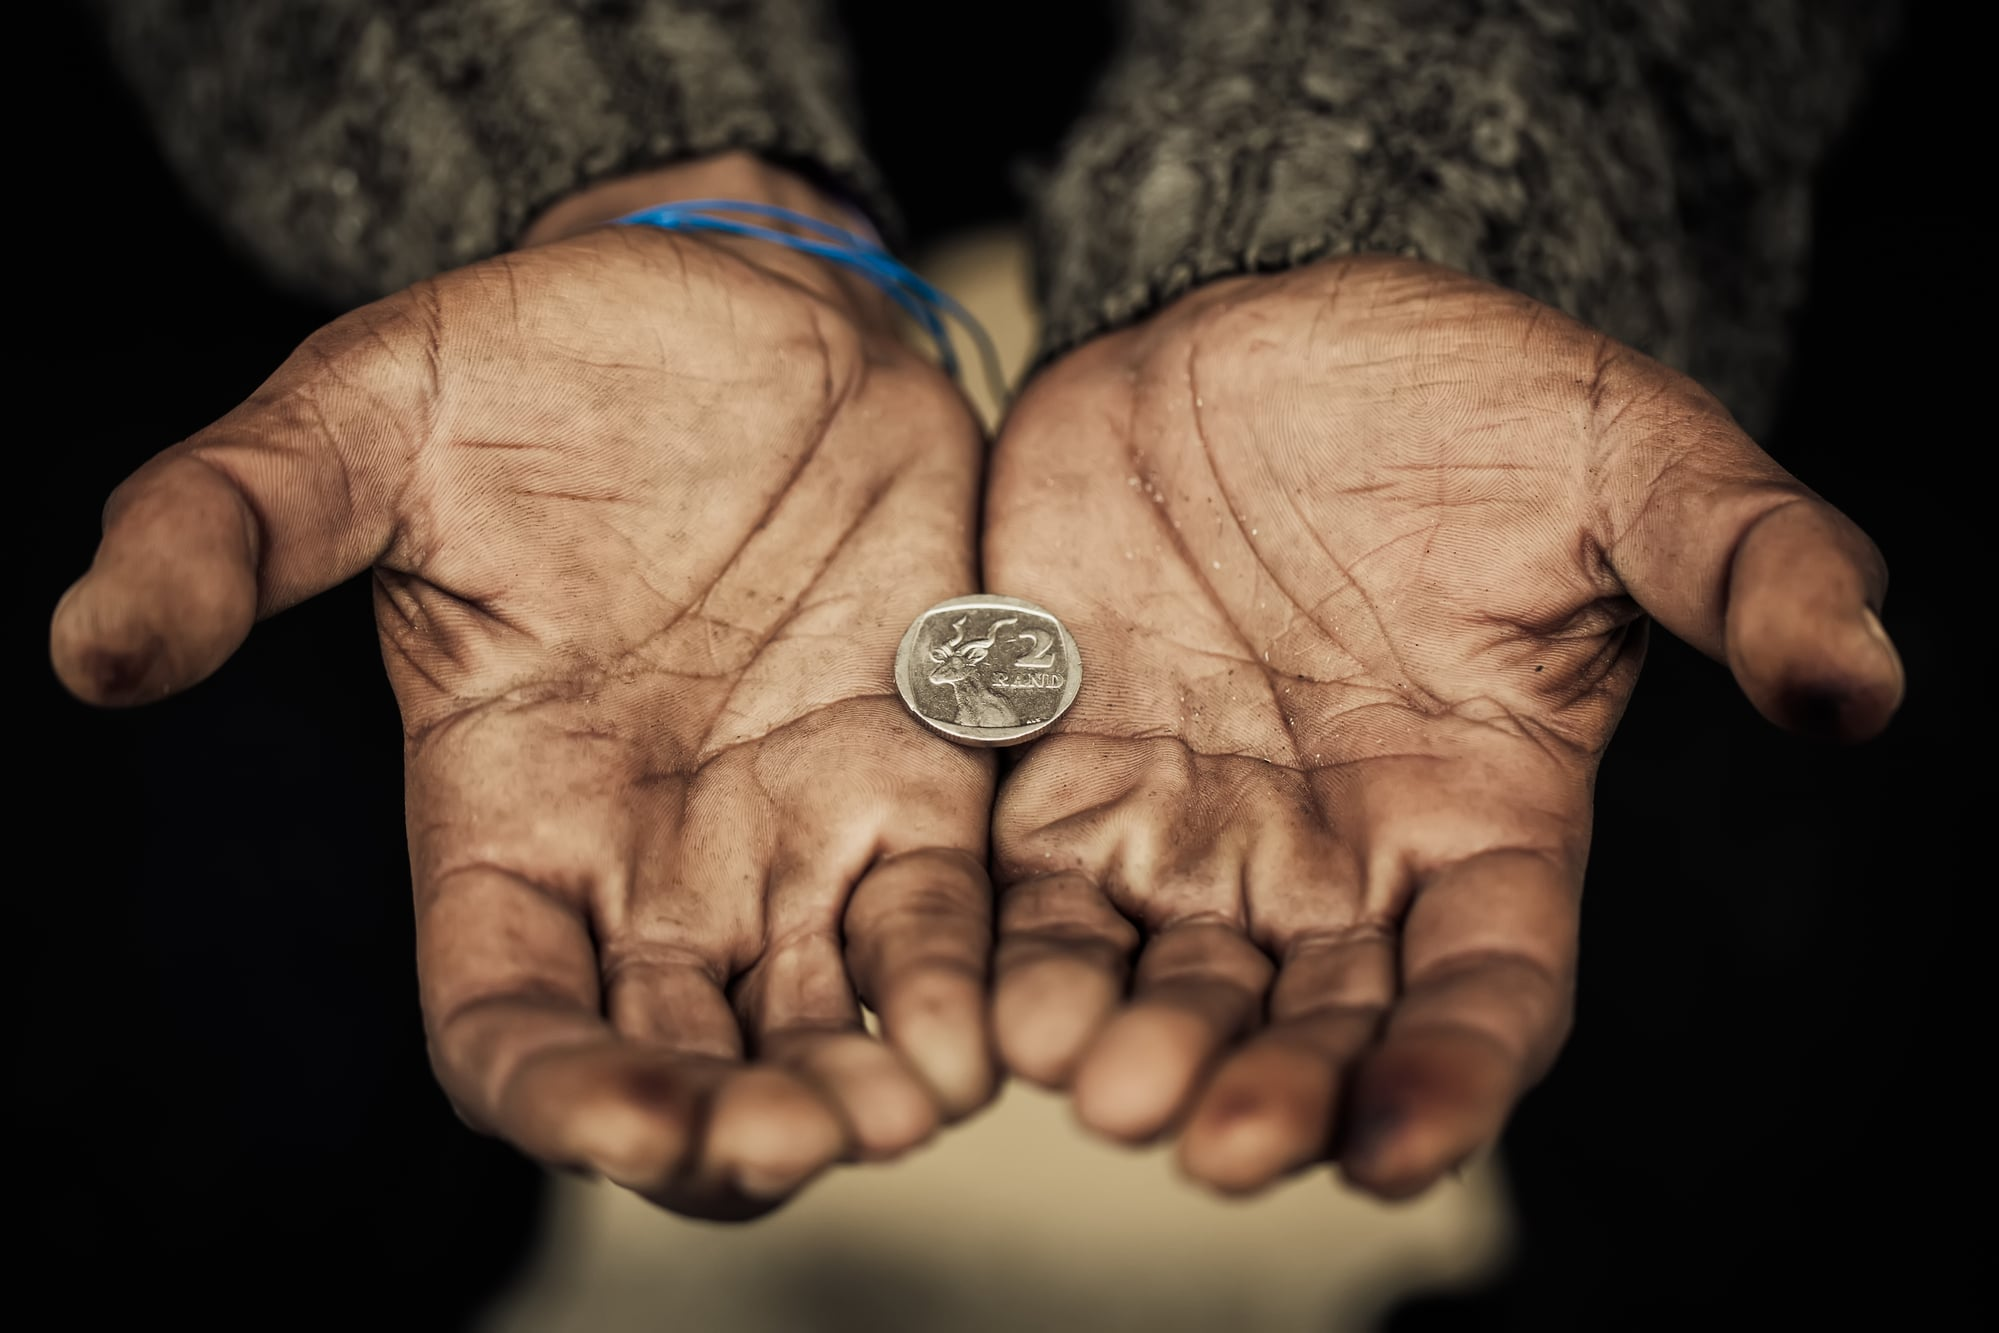 изюминка картинка про бедность хуефикатор сайтов вот